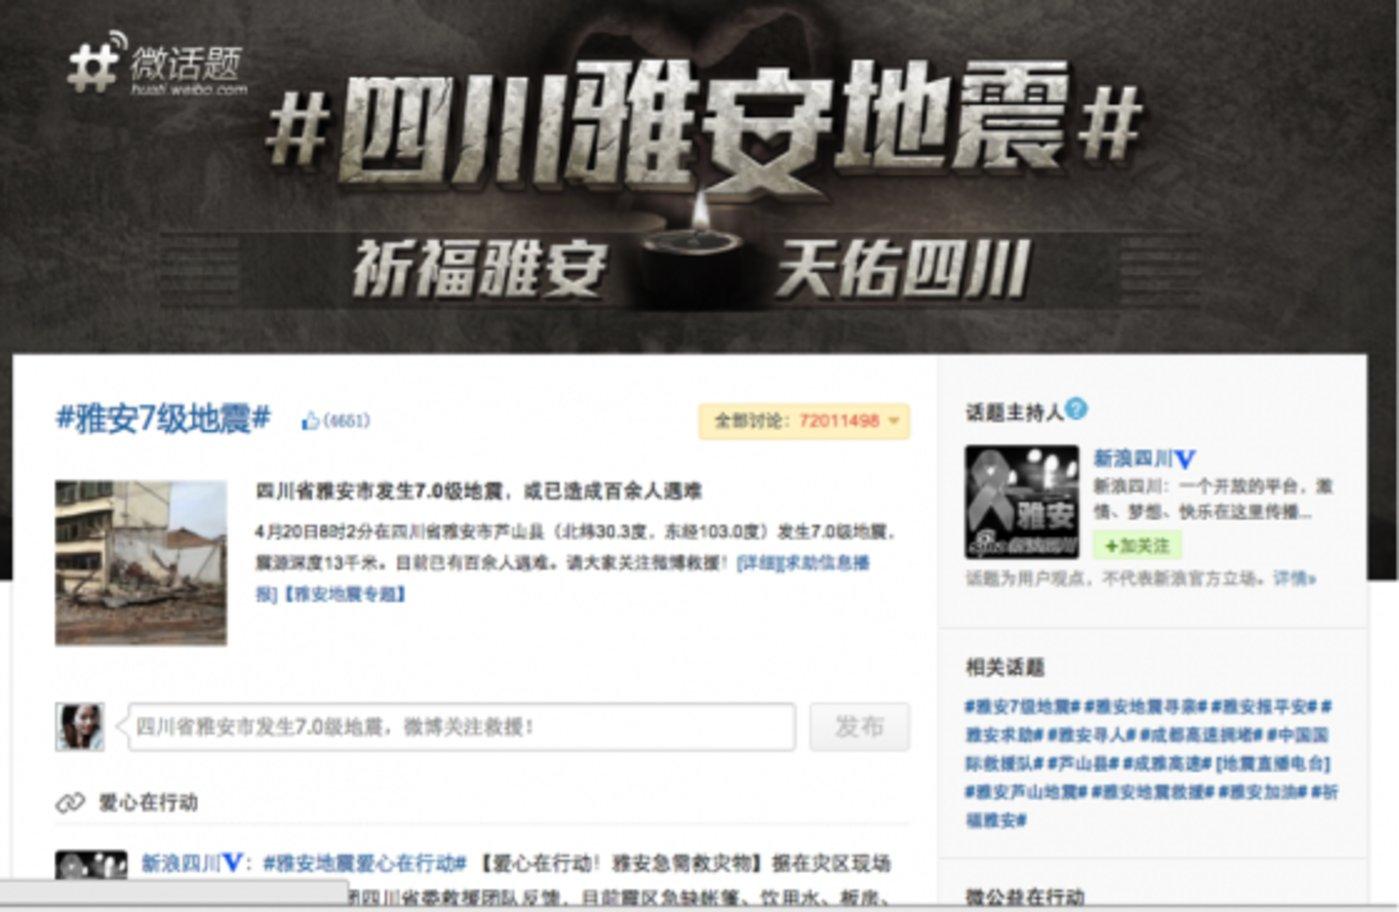 新浪微博创建的微话题:#四川雅安地震#